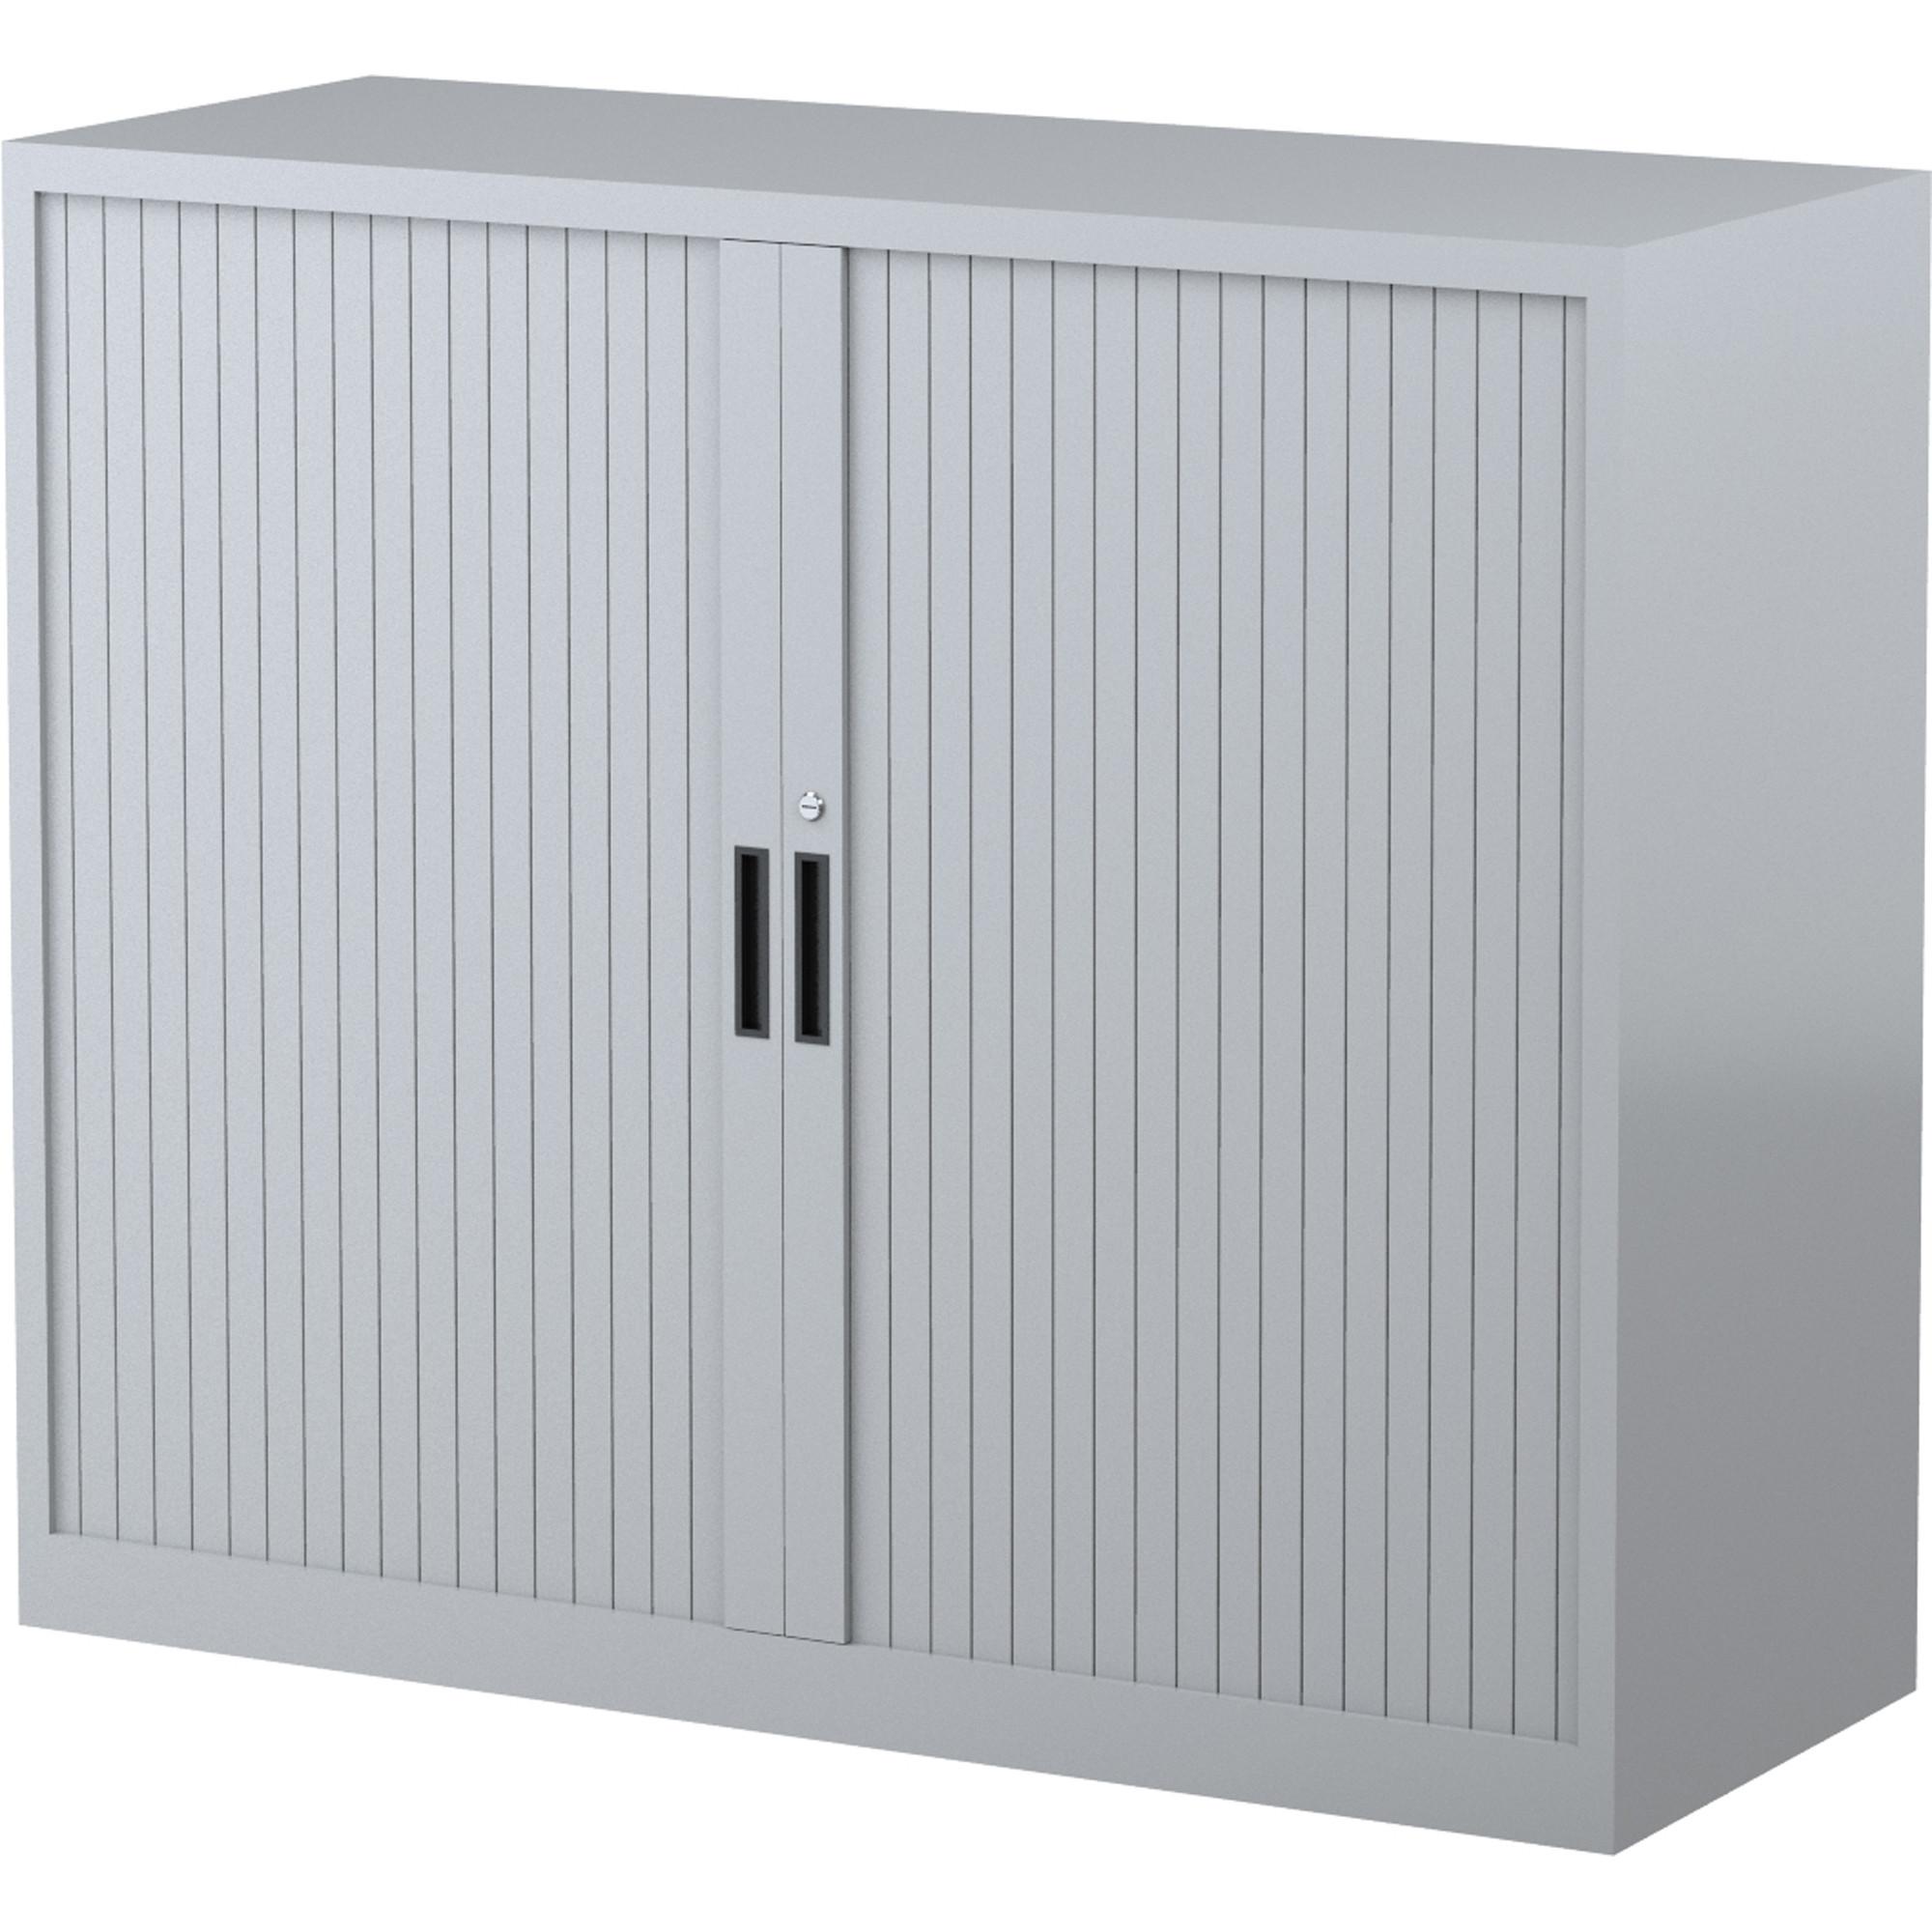 Steelco Tambour Door Cupboard 2 Shelf Silver Grey